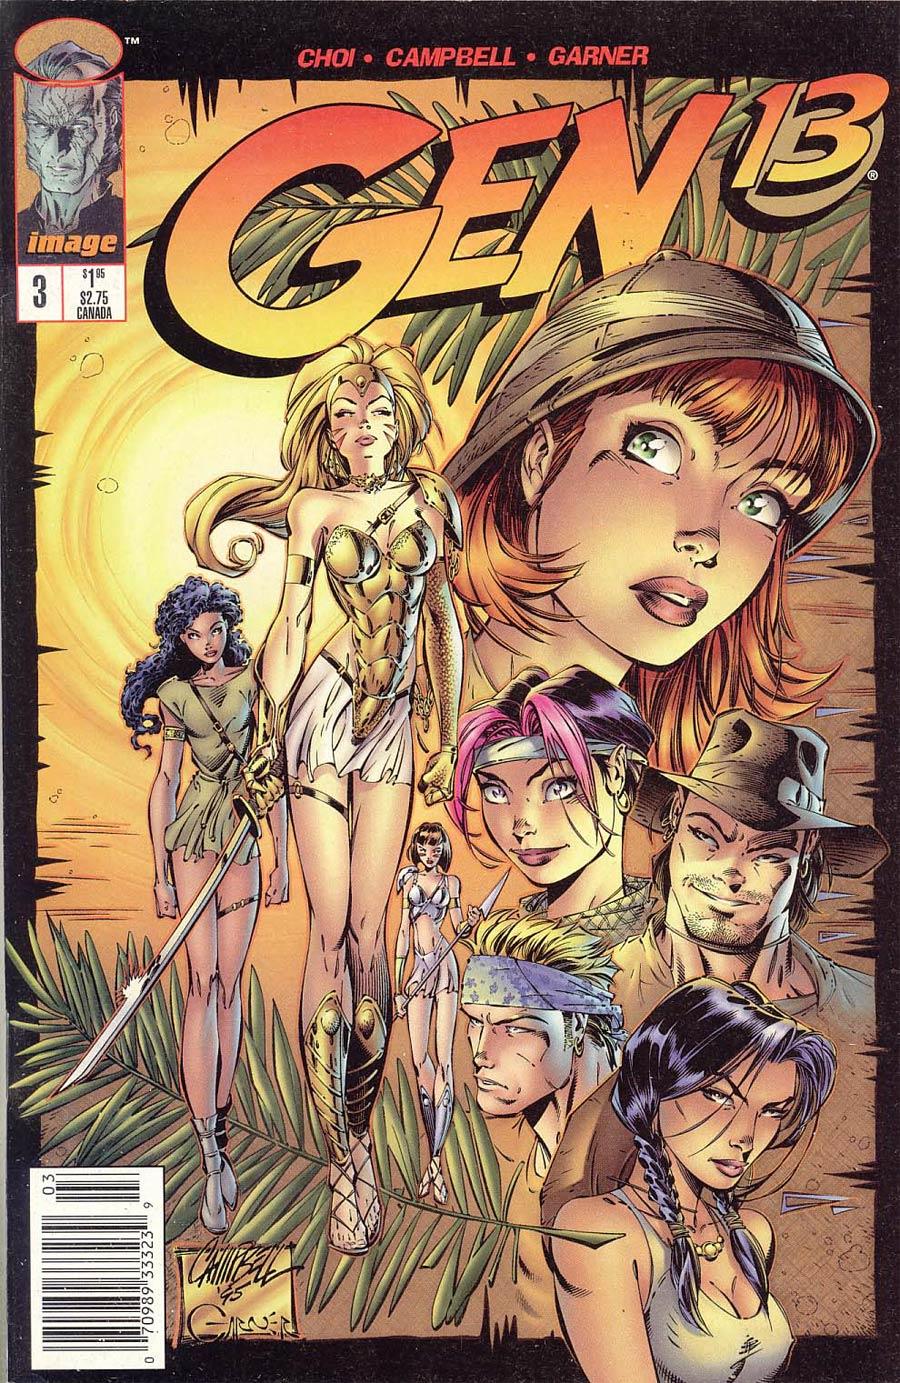 Gen 13 Vol 2 #3 Cover B Newsstand